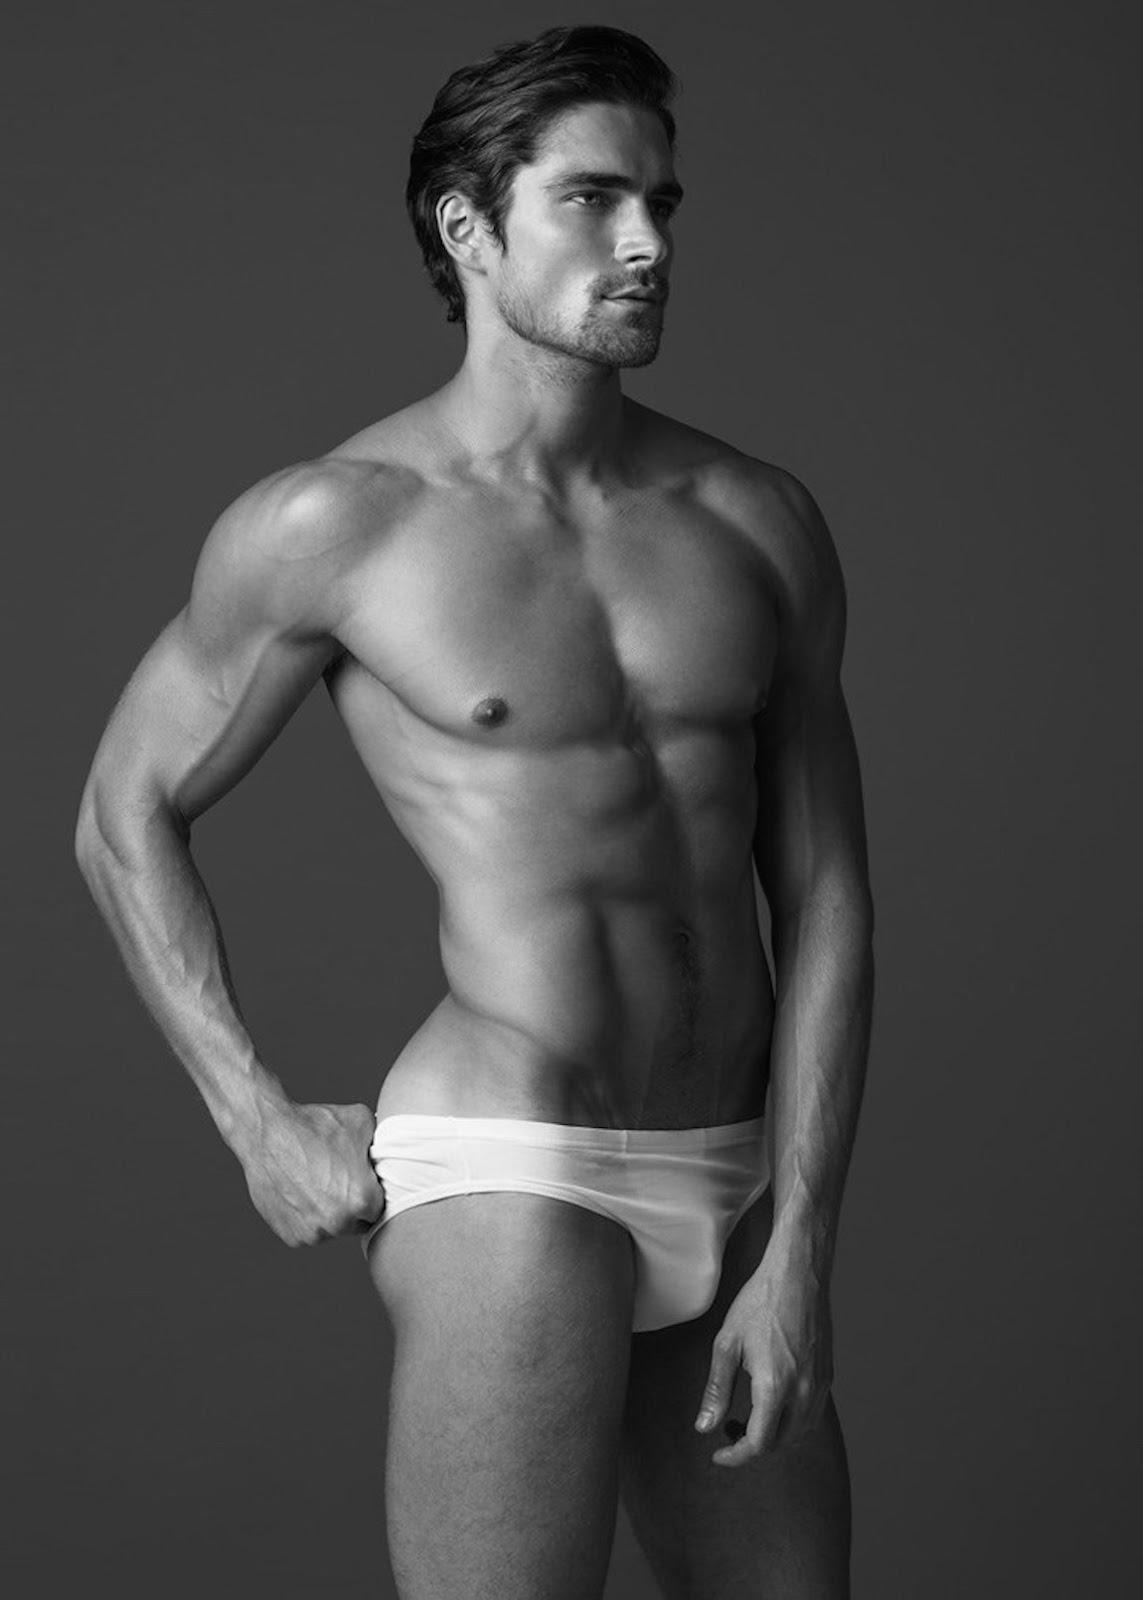 Men Posing Nude Side